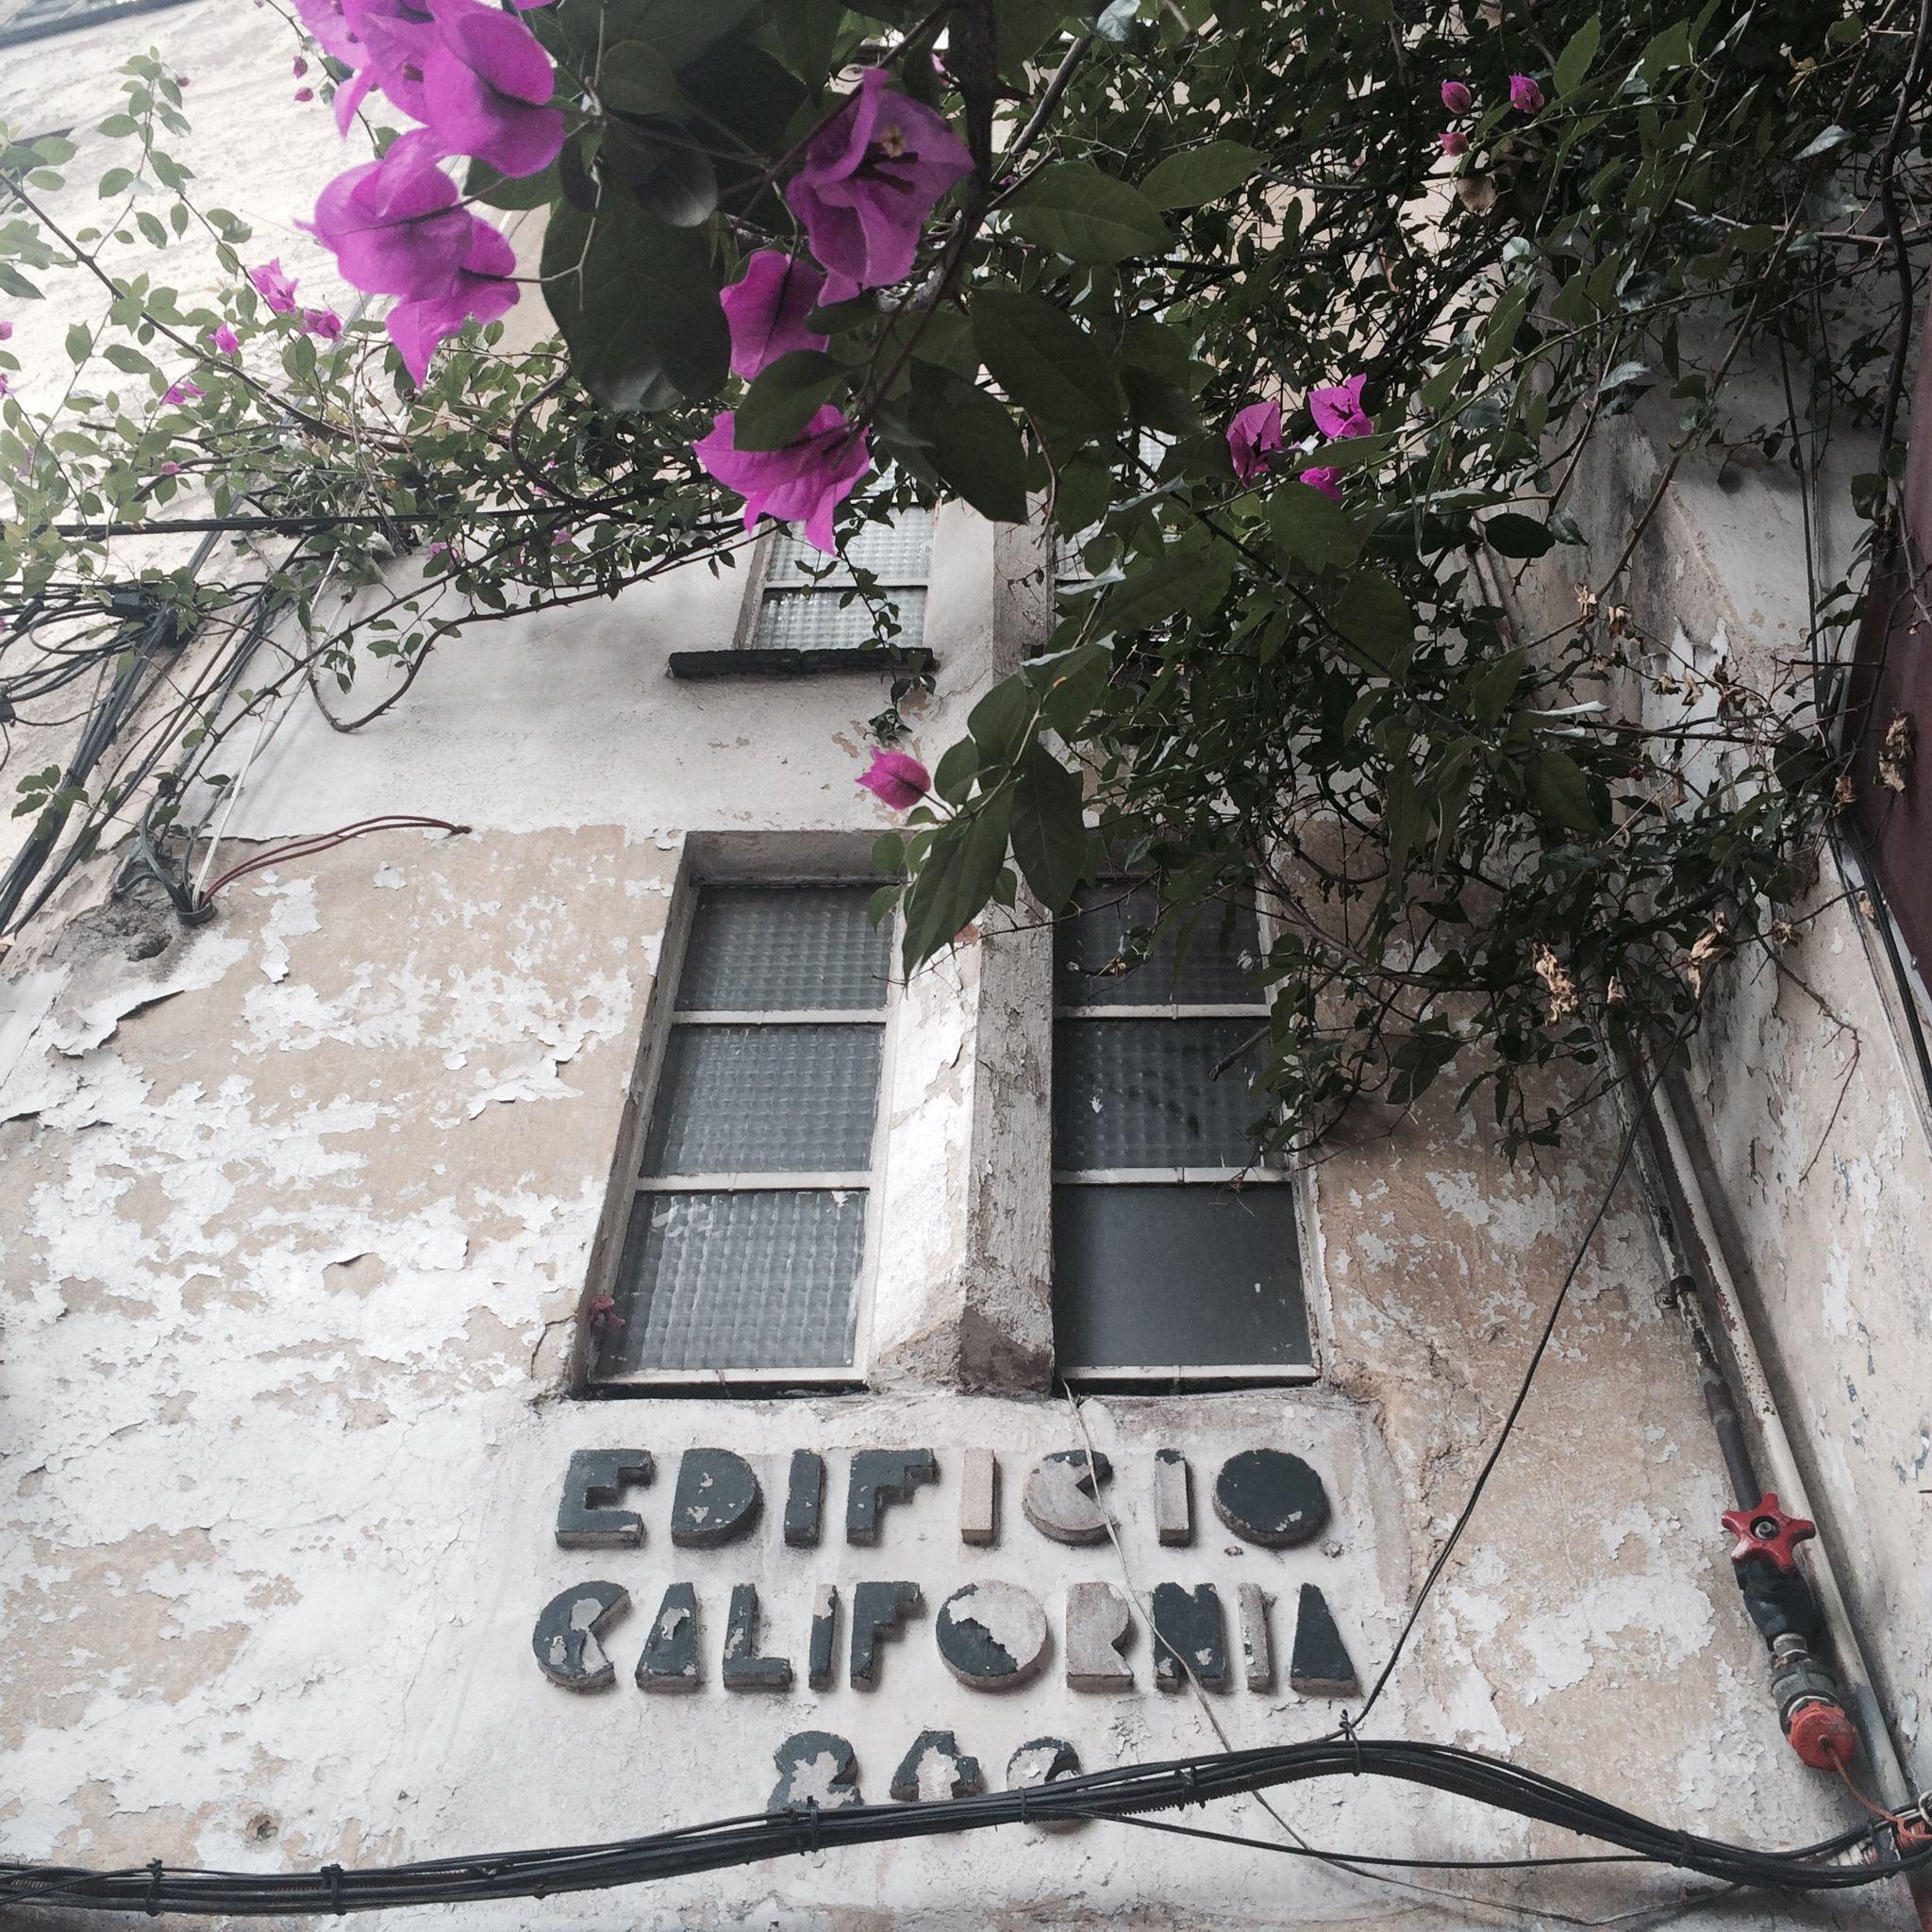 Deco en la Condesa. La avenida Baja California cruzaba la Roma y Condesa, era elegante y ostentaba un camellón con Palmeras y vías de tranvía. Hoy un impersonal Eje Vial.